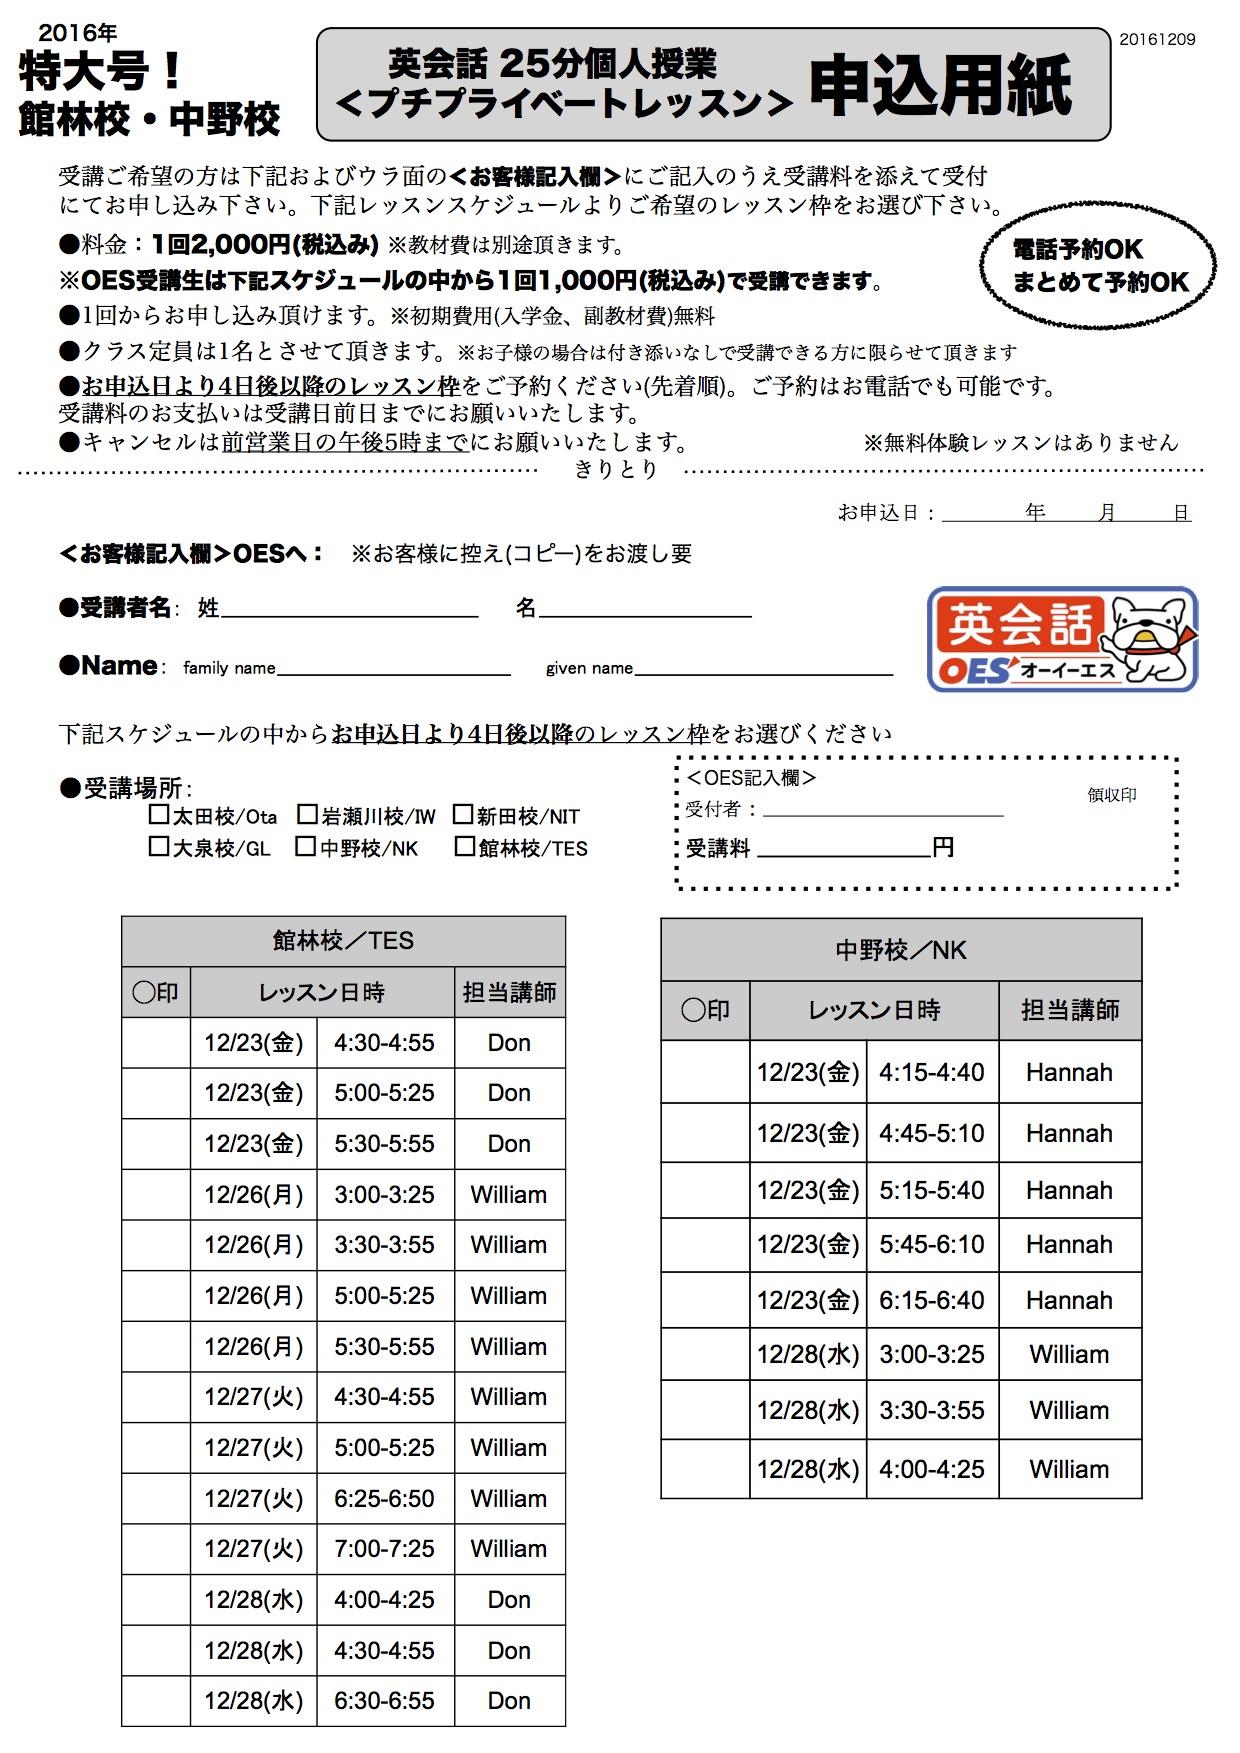 館林校・中野校 プチプライベートレッスン申込用紙